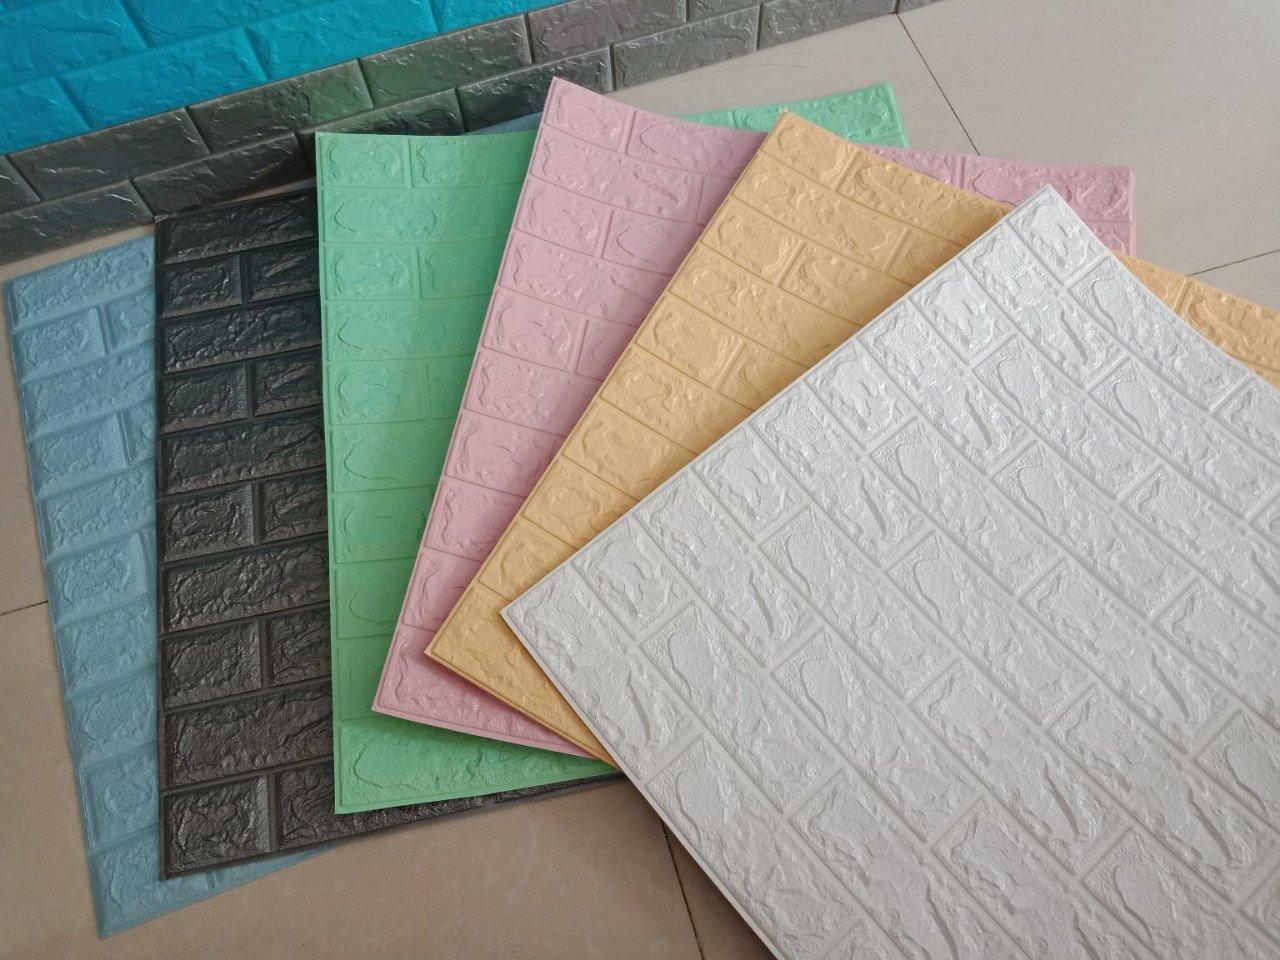 Chia sẻ mẹo giúp xốp dán tường nhà bạn luôn bền đẹp